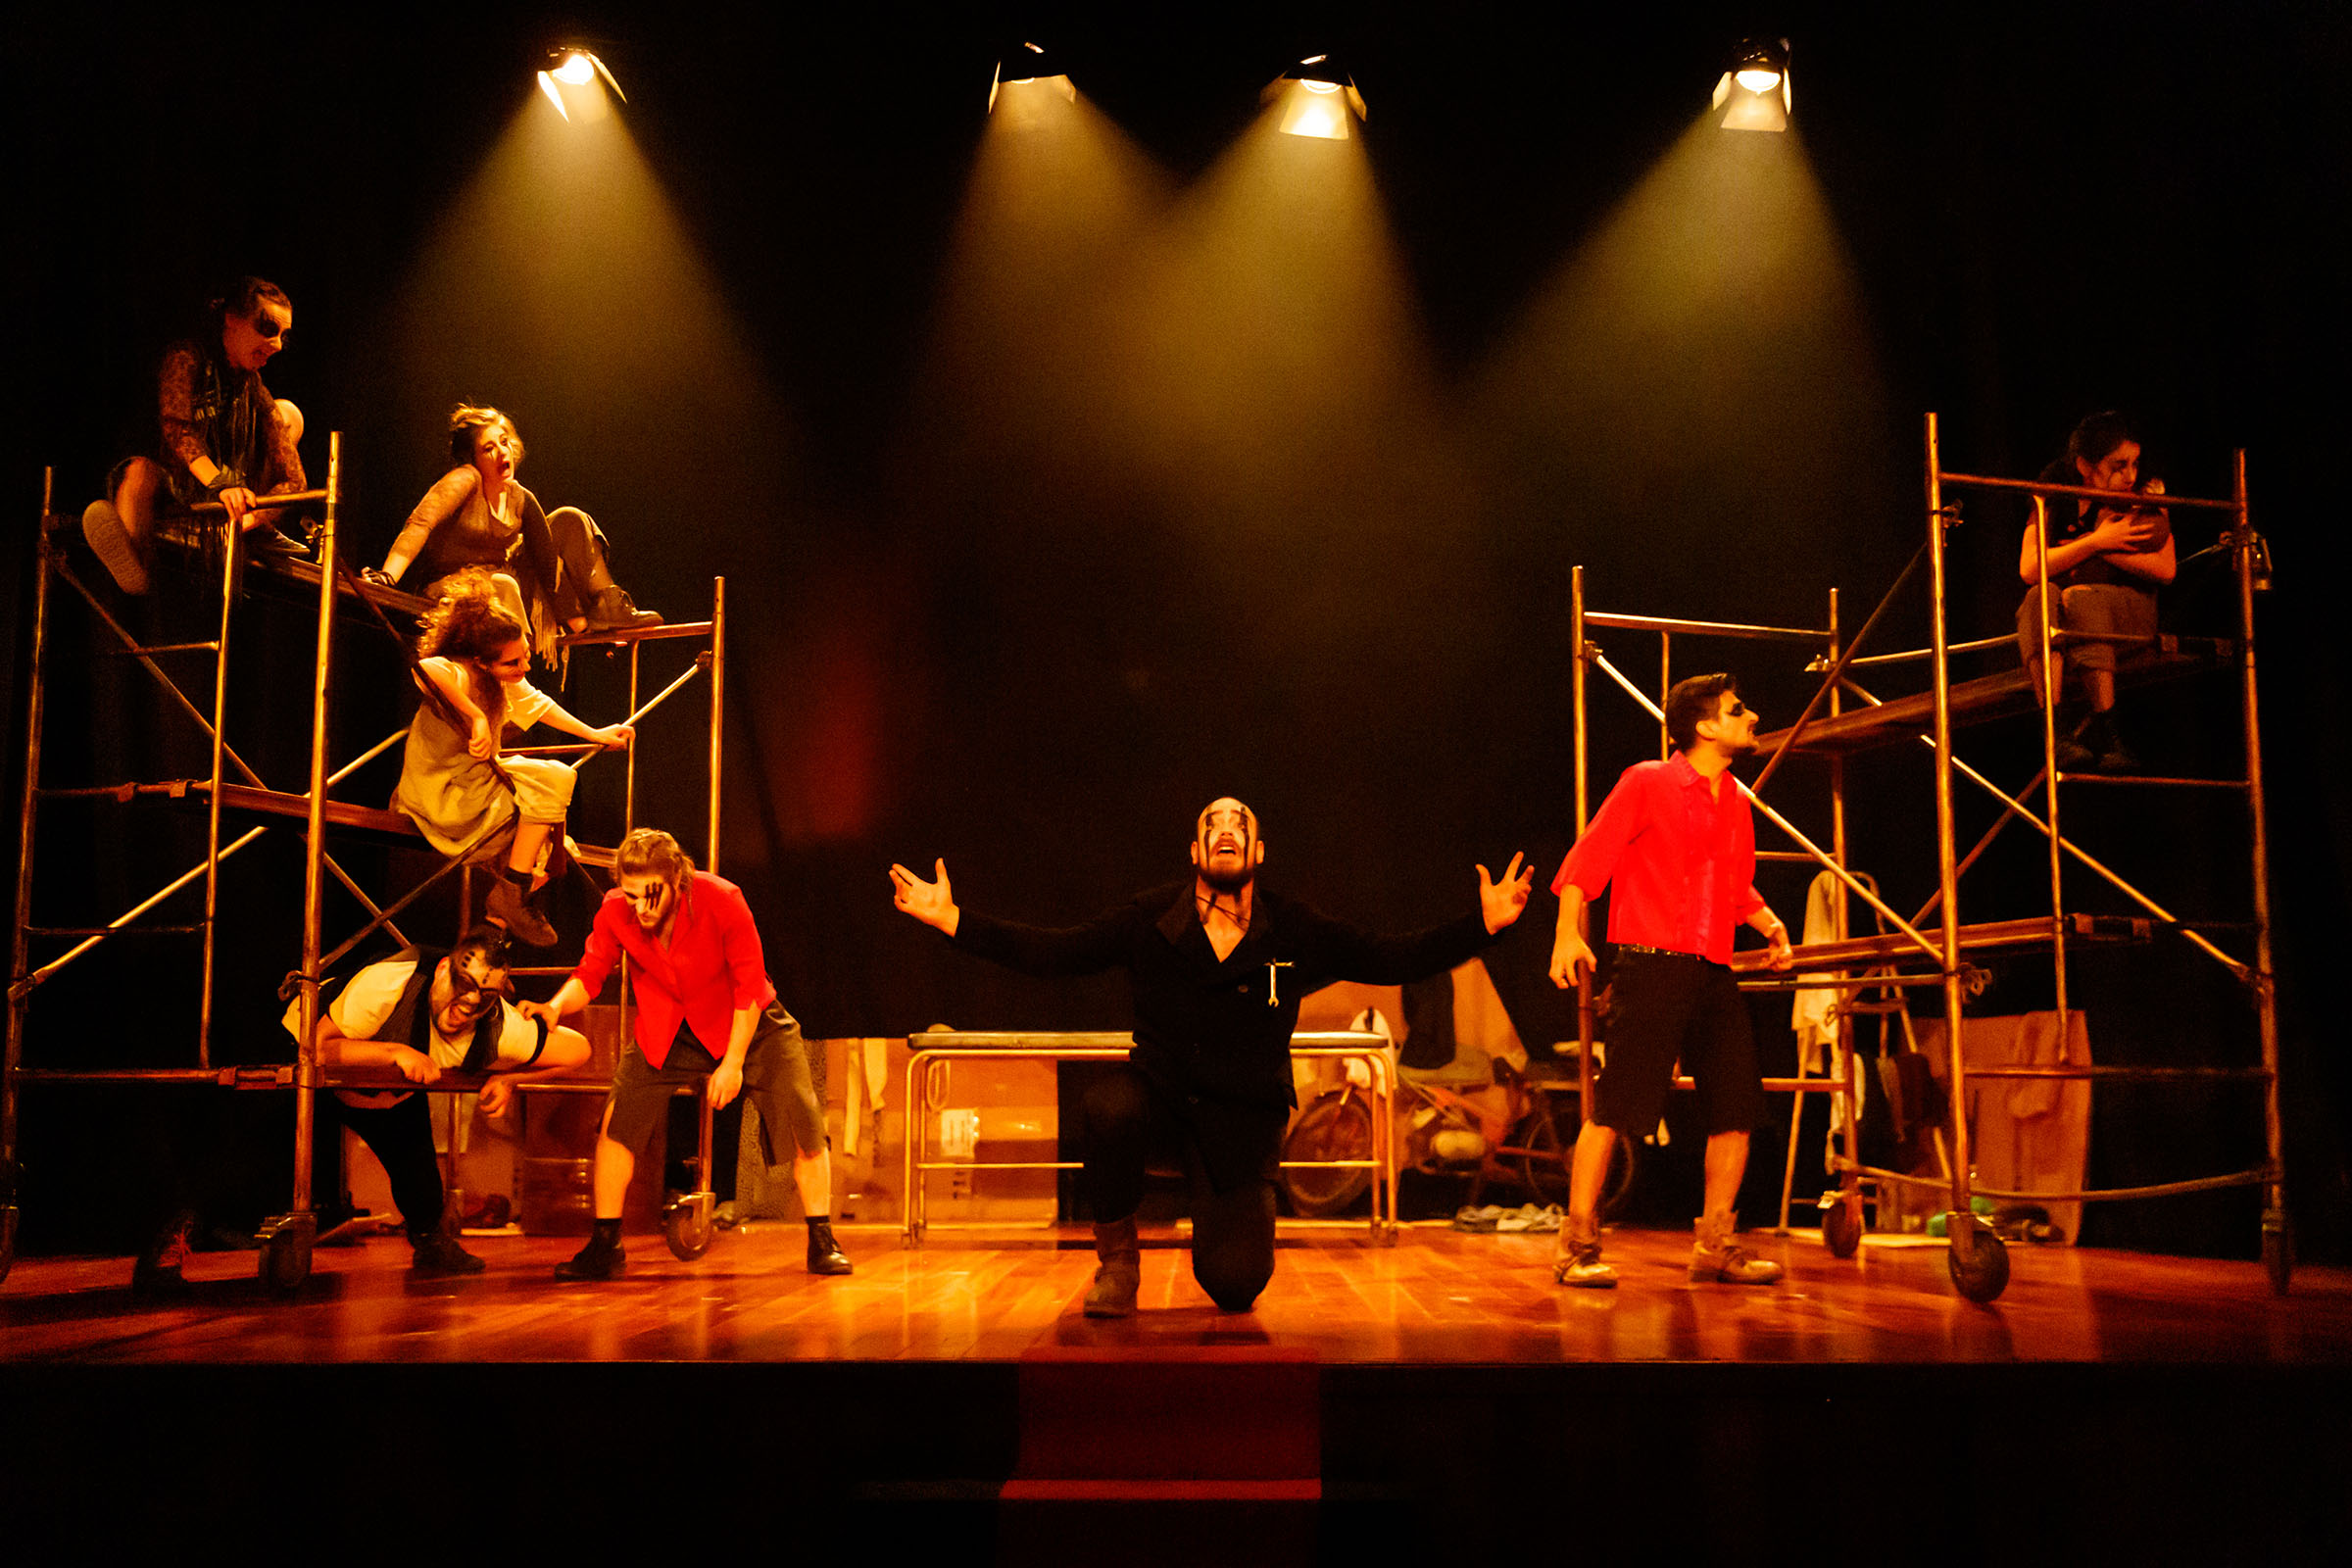 37 Concurs de Teatre - Vila de Mislata